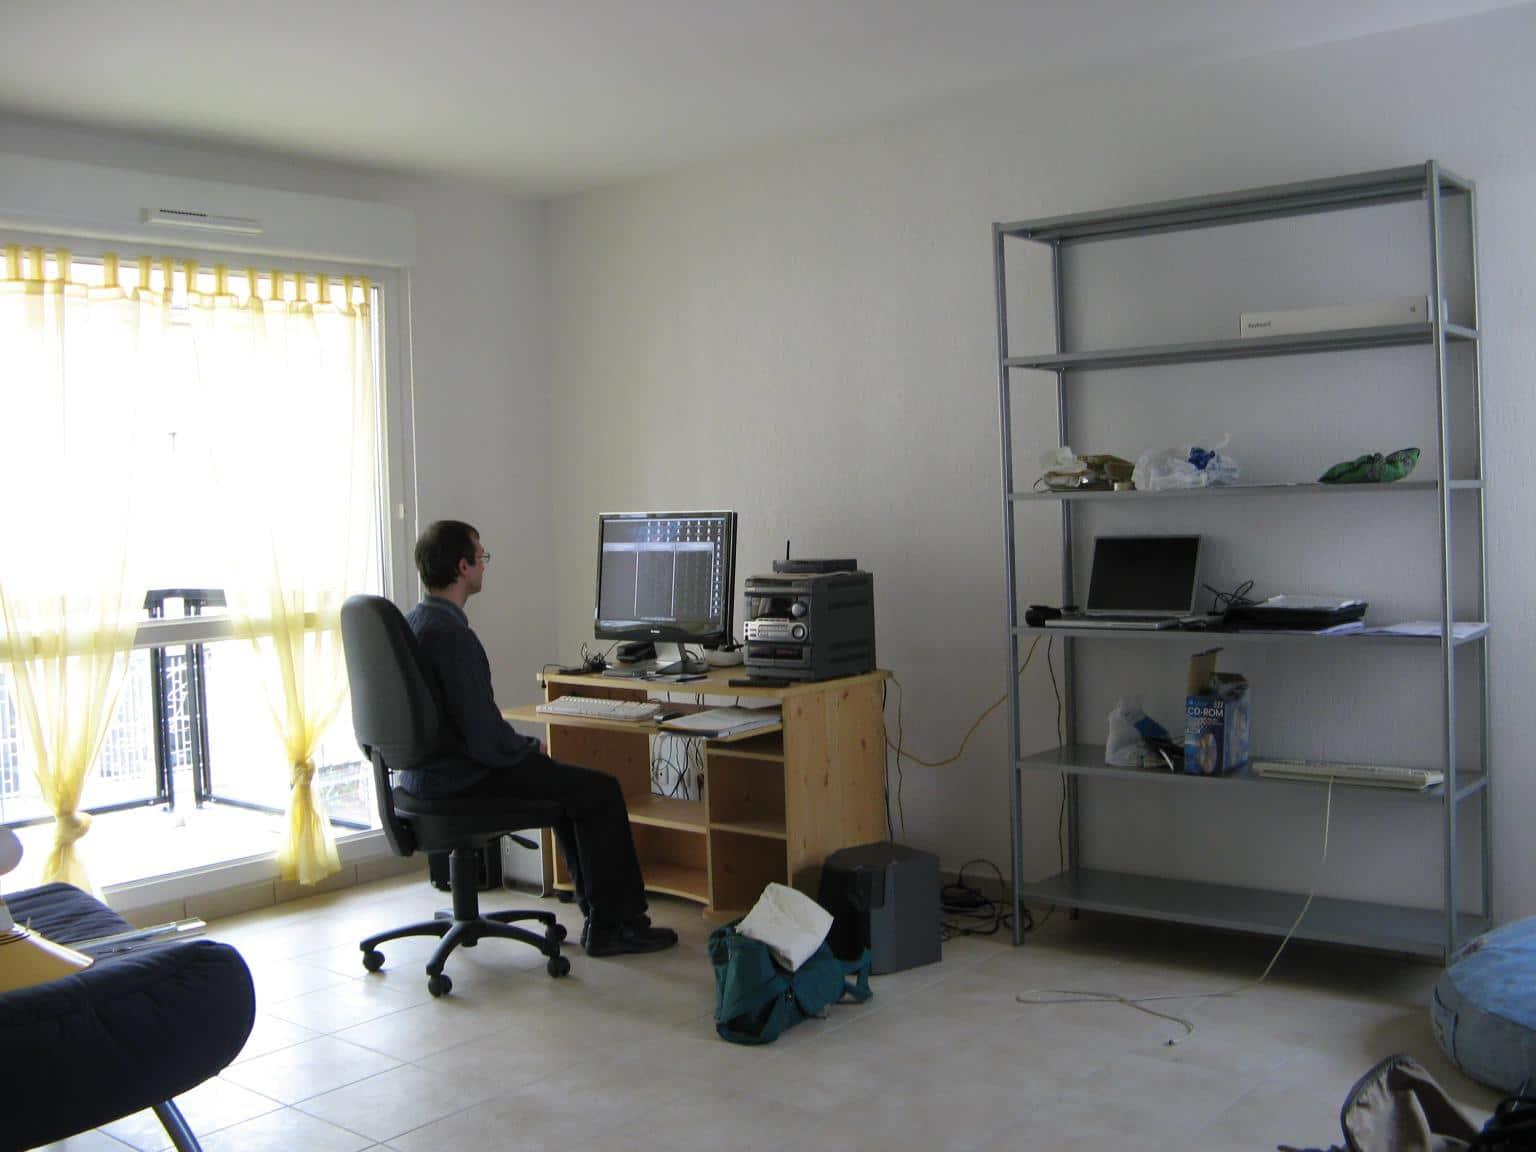 Passer par une agence pour trouver un appartement en location à La Rochelle